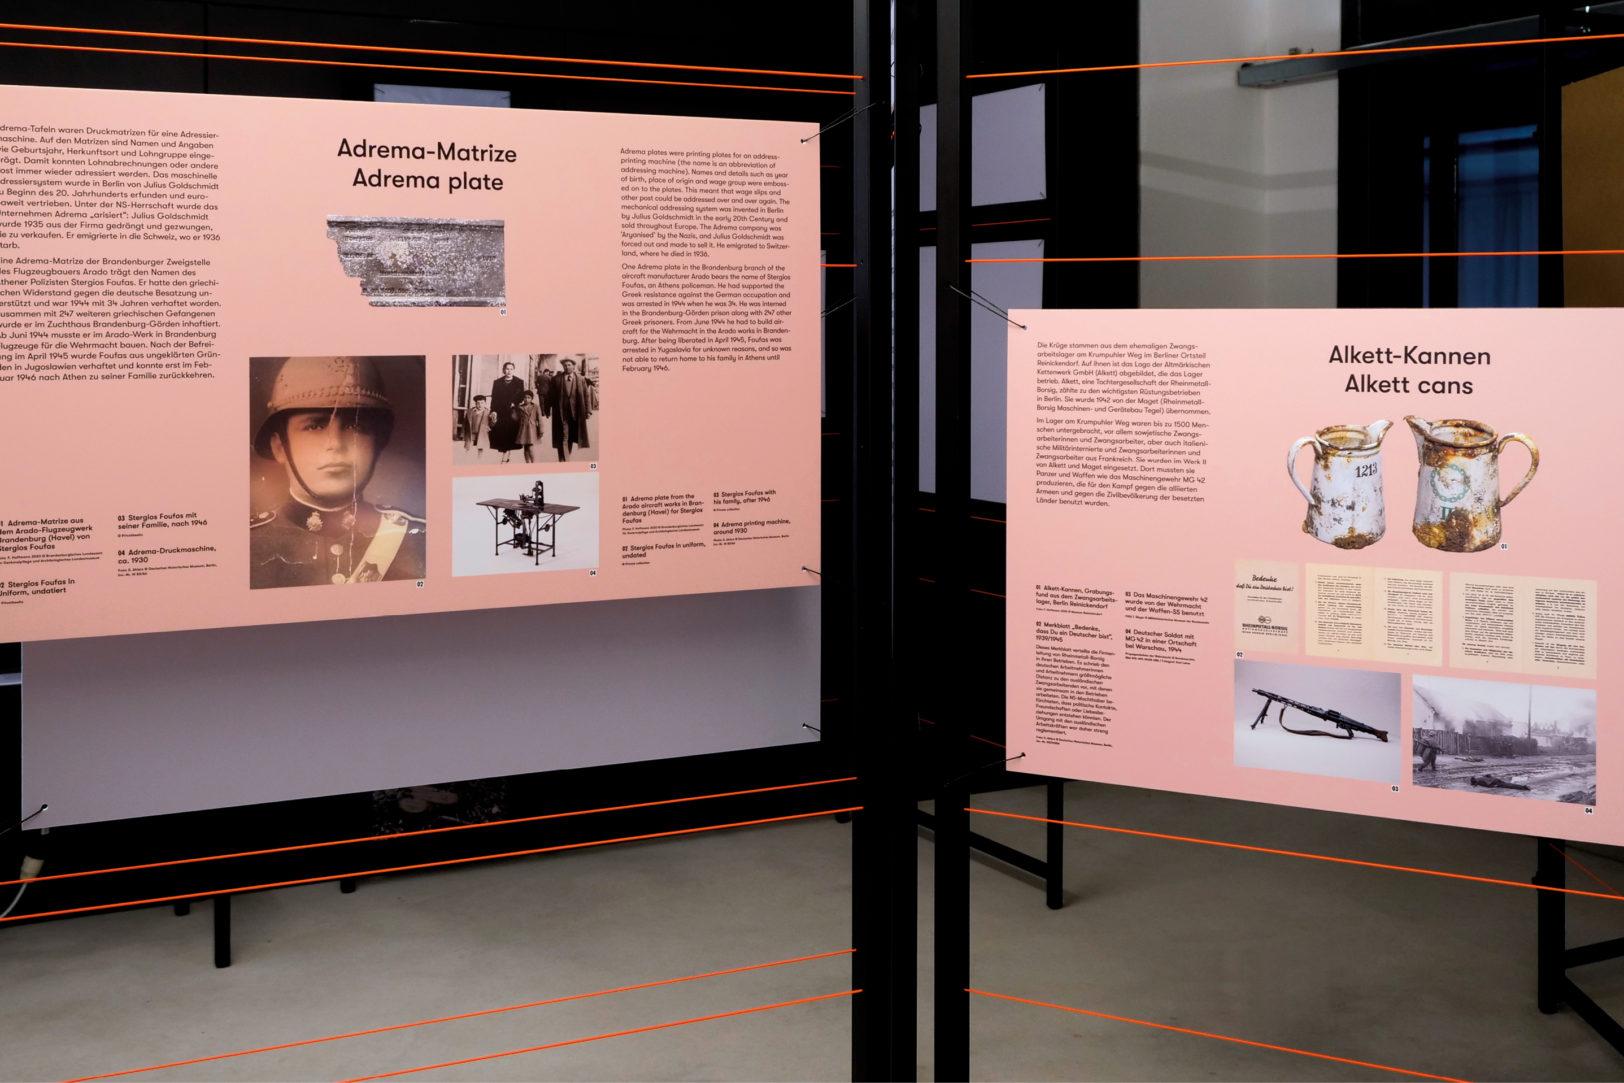 http://e-o-t.de/wordpress/wp-content/uploads/2020/04/Exhibition-Ausgeschlossen-eot-12.jpg